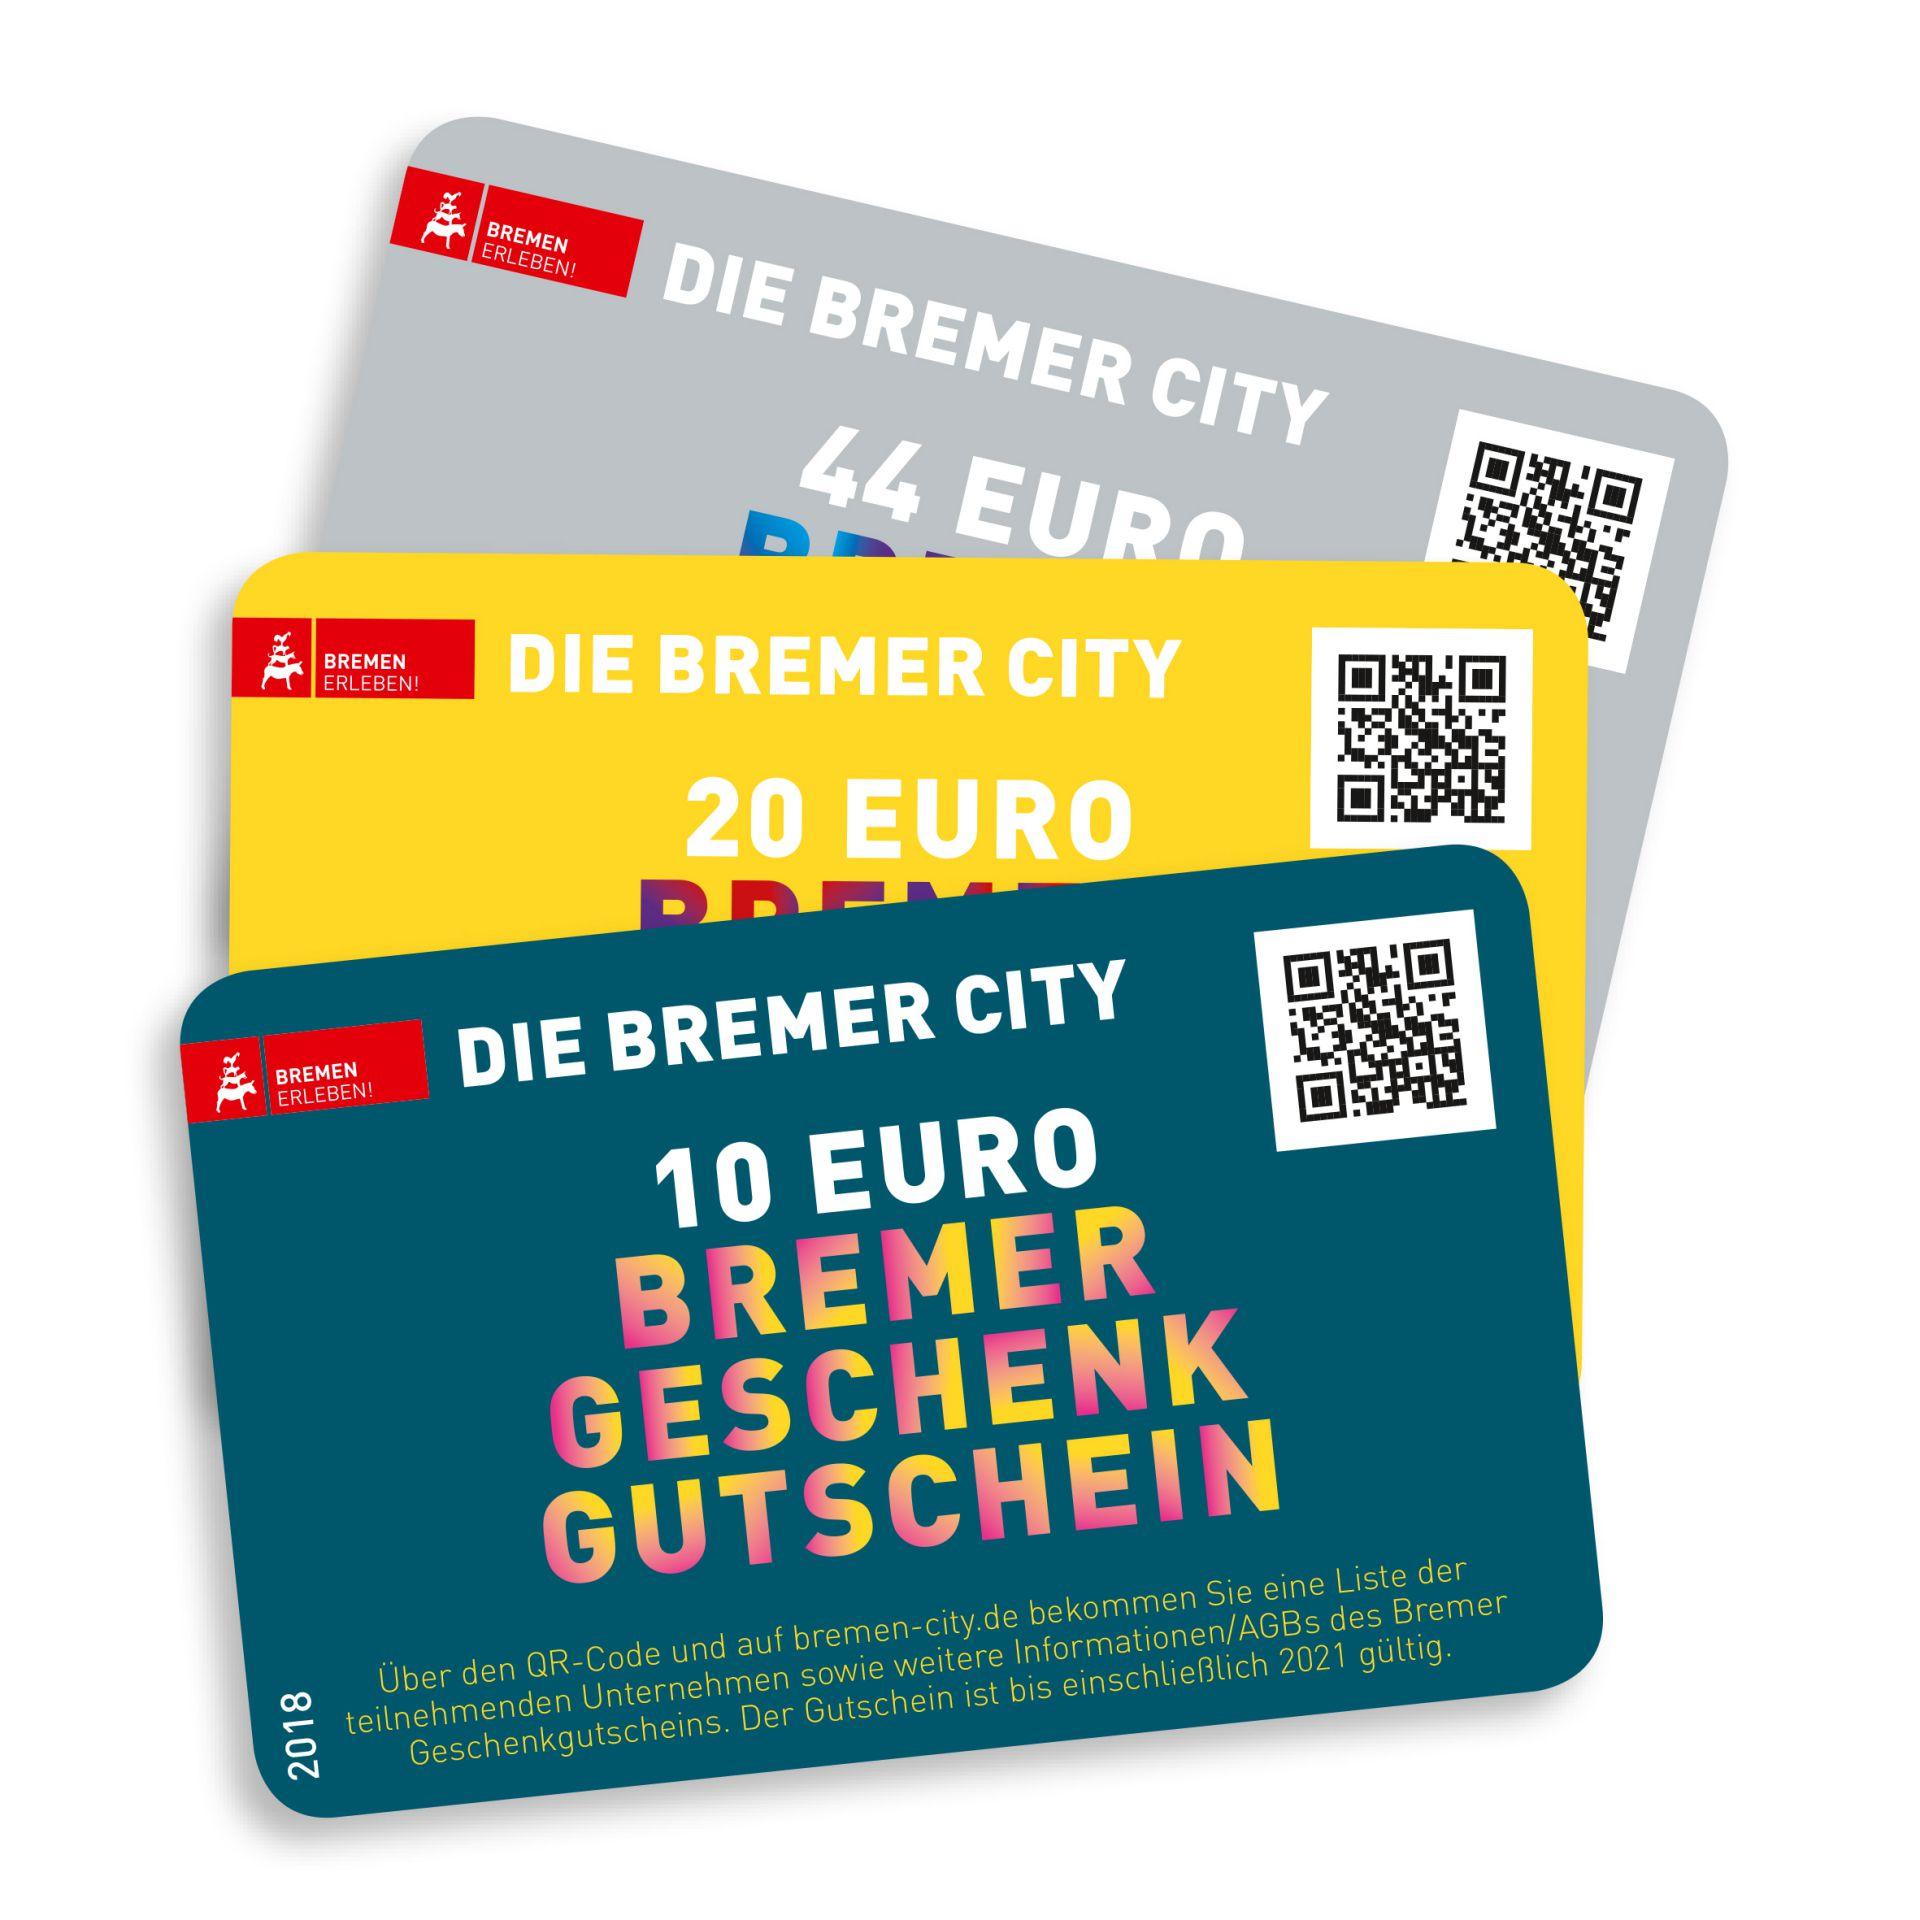 Bremer Geschenkgutschein